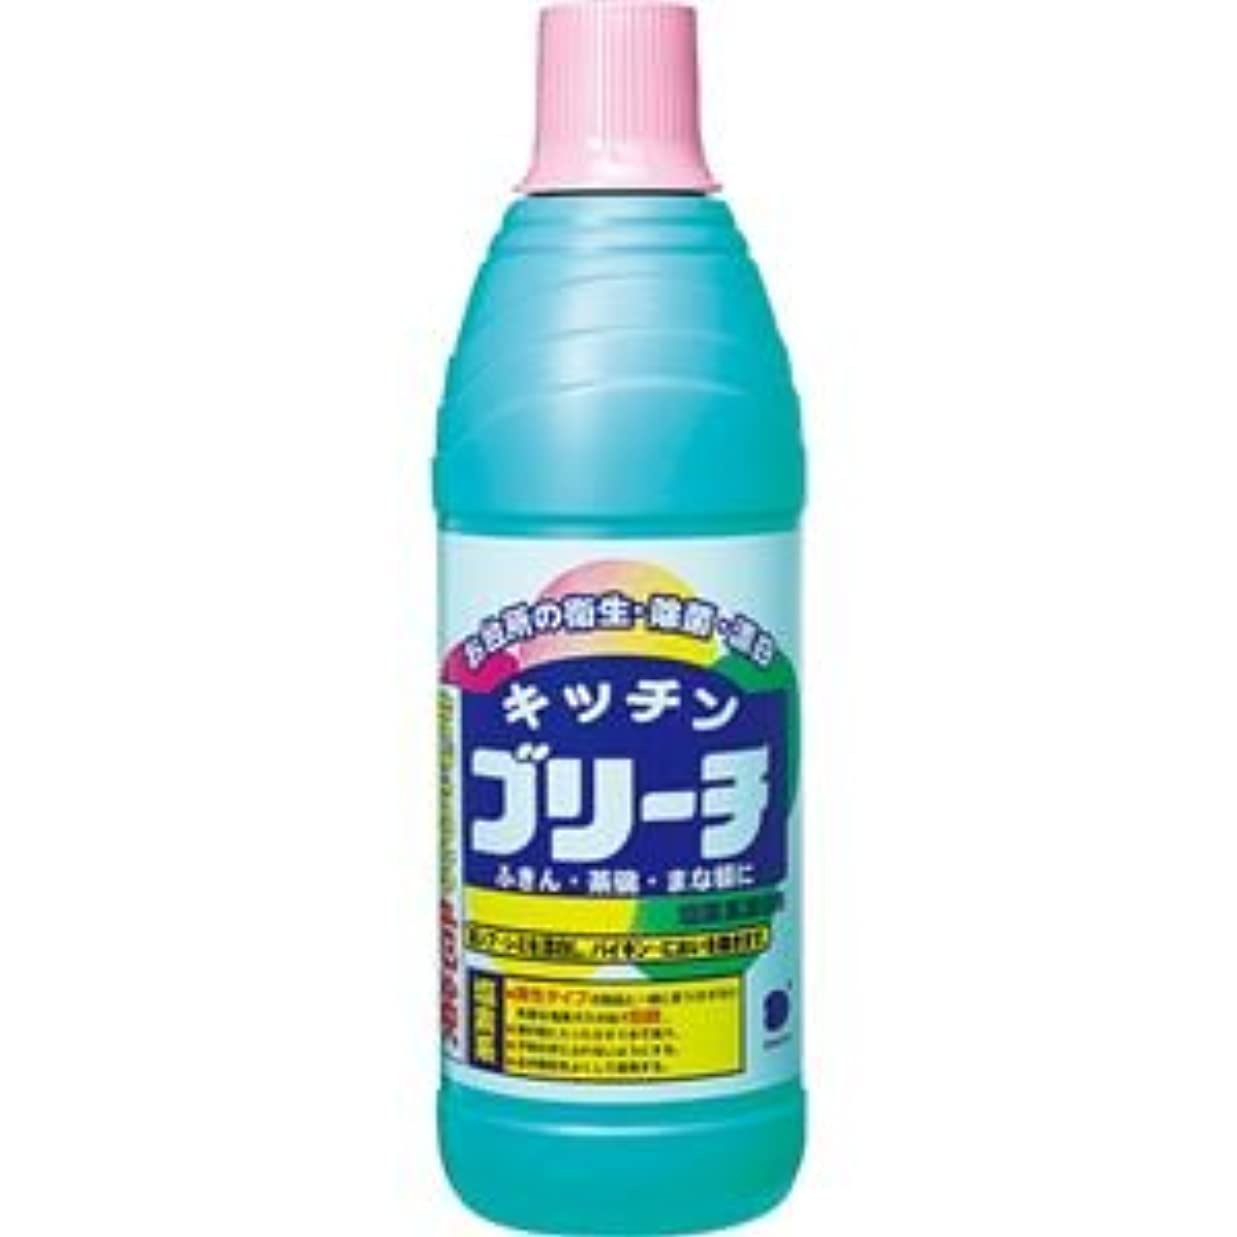 外側ノイズ啓示(まとめ) 第一石鹸 キッチンブリーチ 600ml 1本 【×40セット】